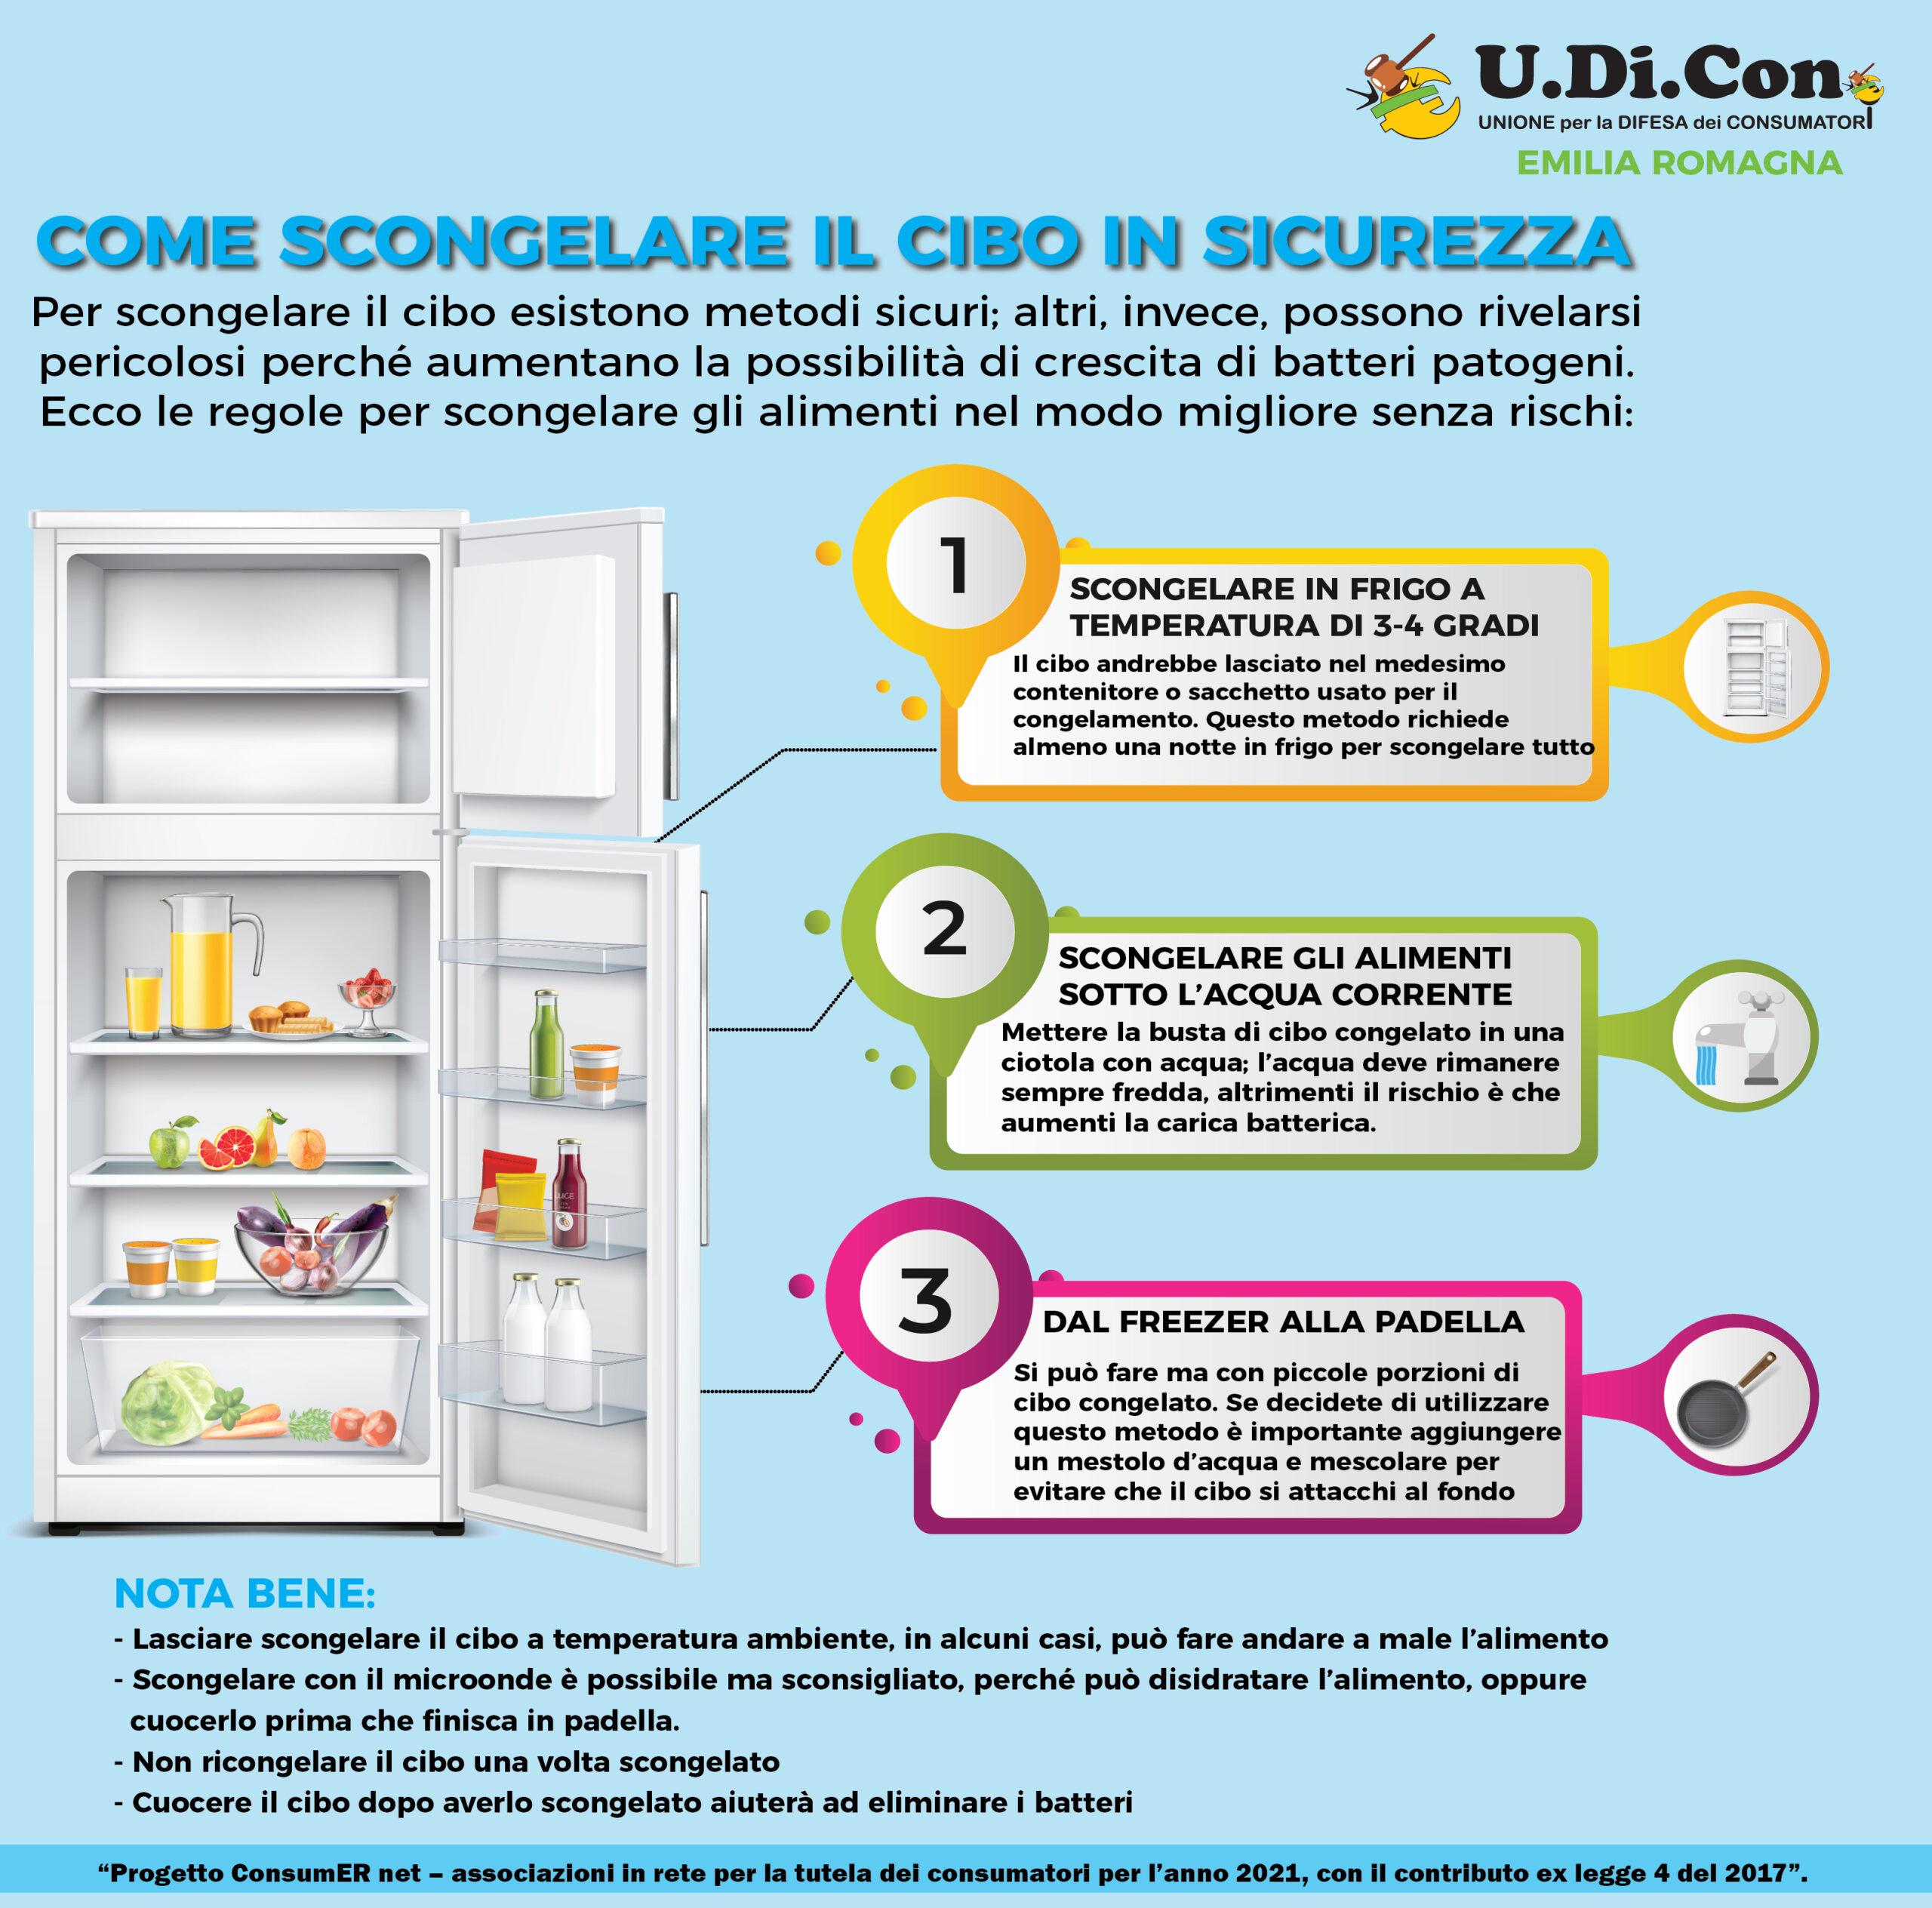 Infografica - Come scongelare il cibo in sicurezza